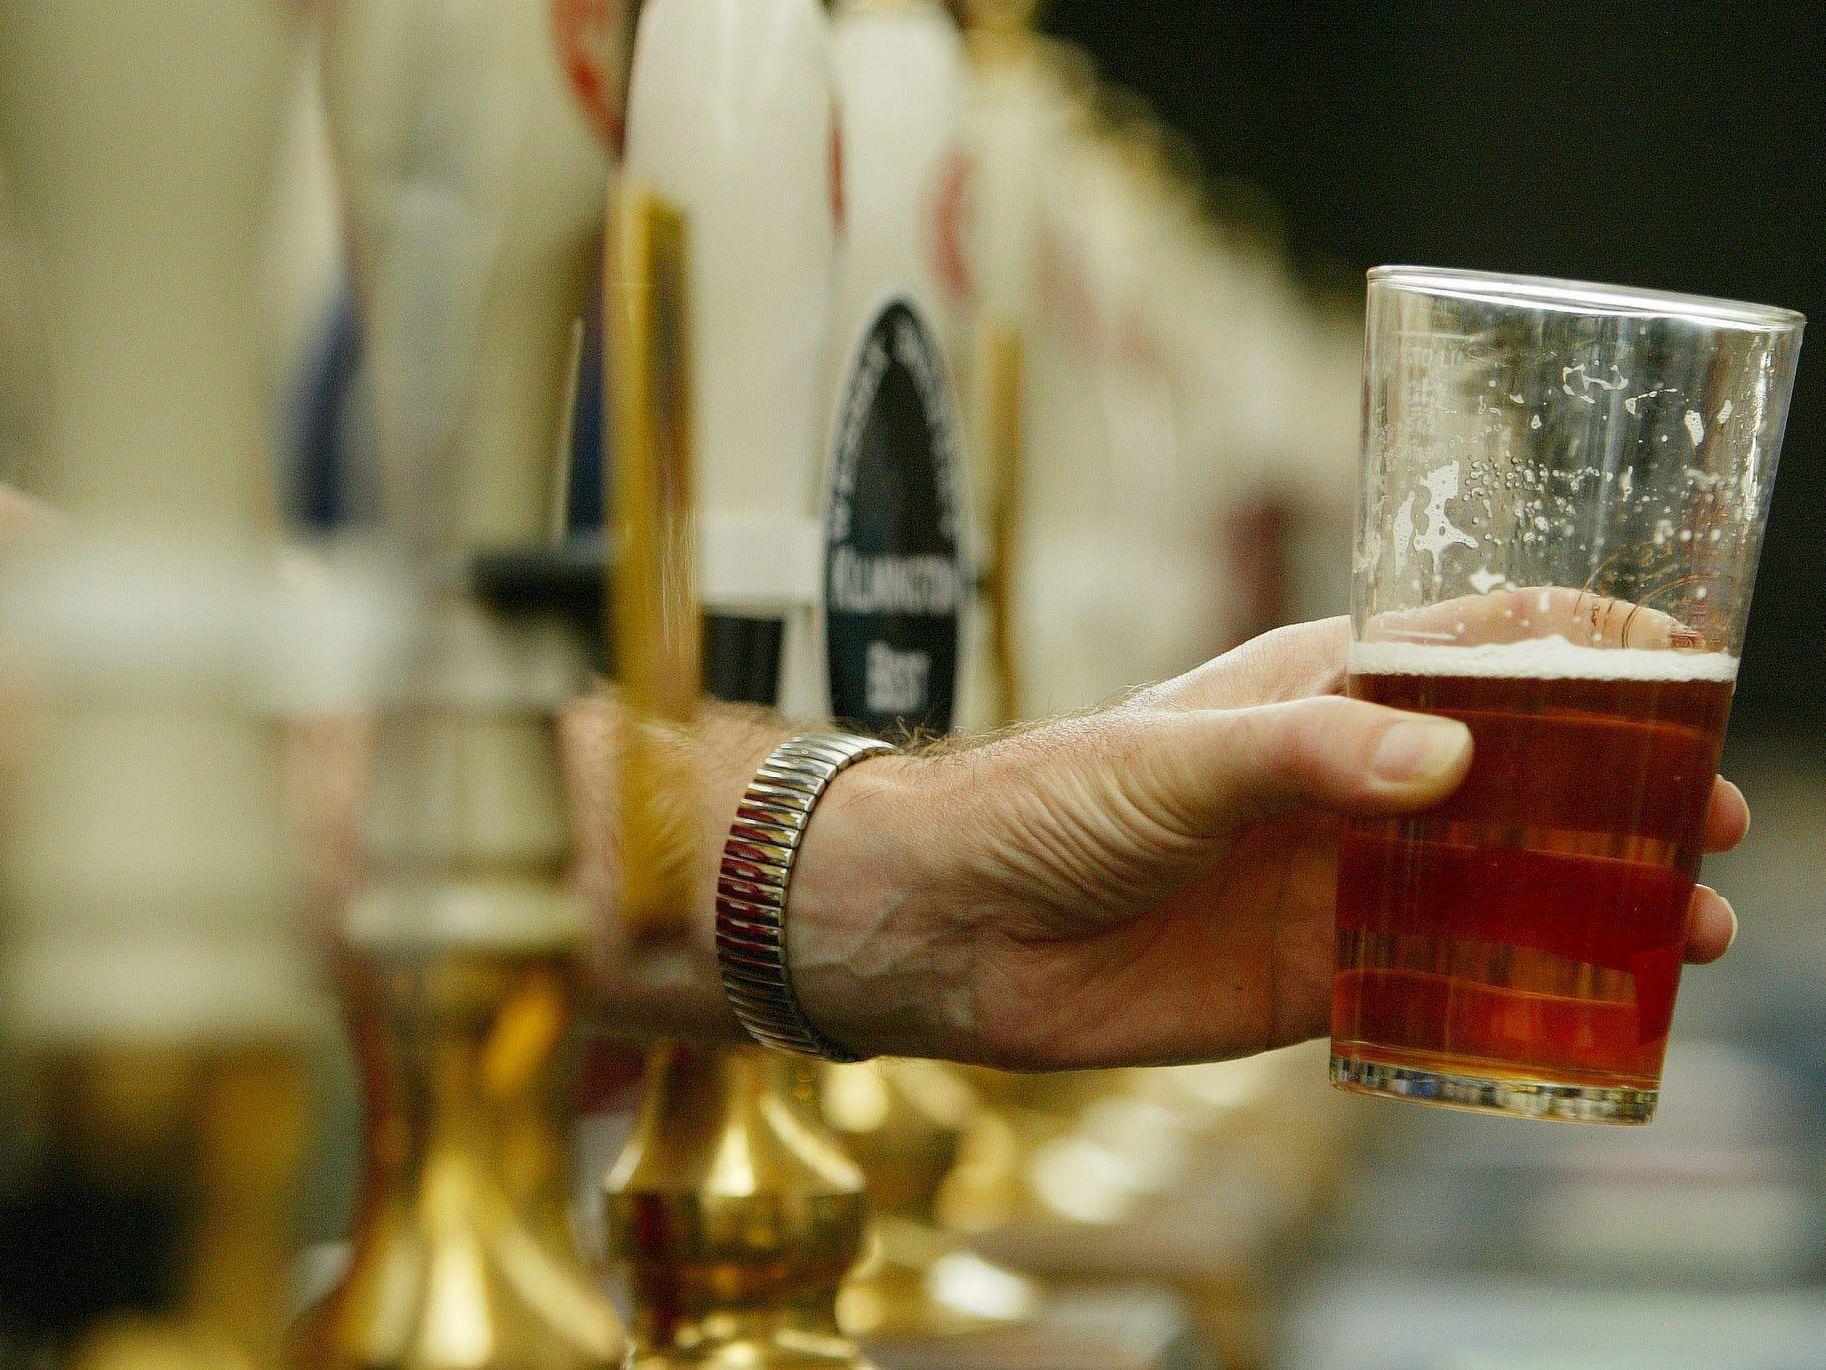 Neue Empfehlungen verringern Alkoholmenge für Männer deutlich.